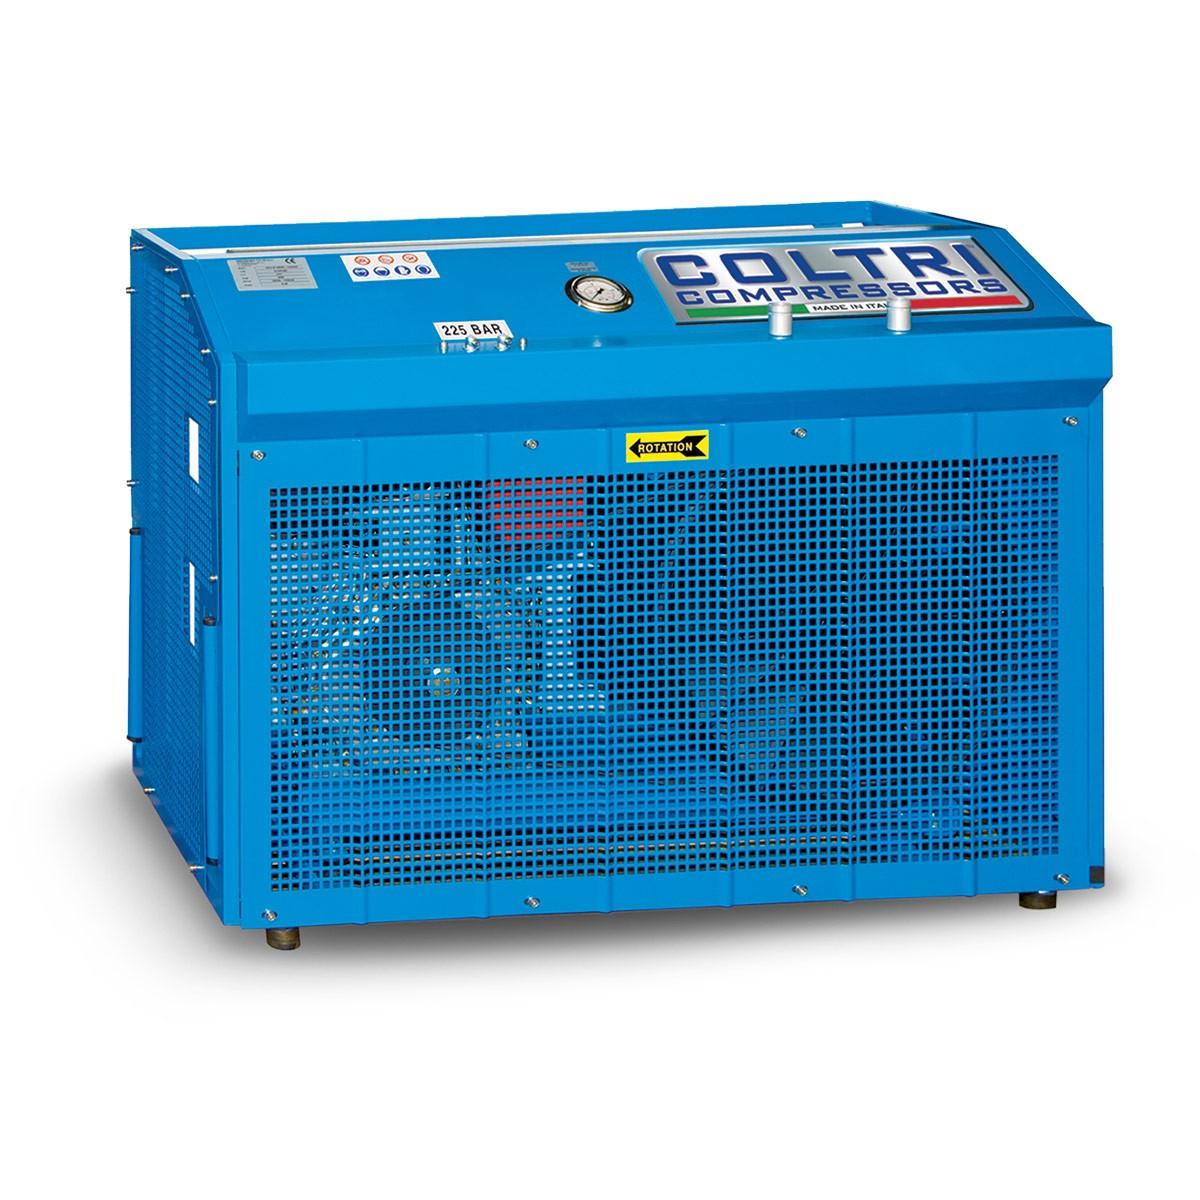 Coltri MCH 16 DY Tech Compressor